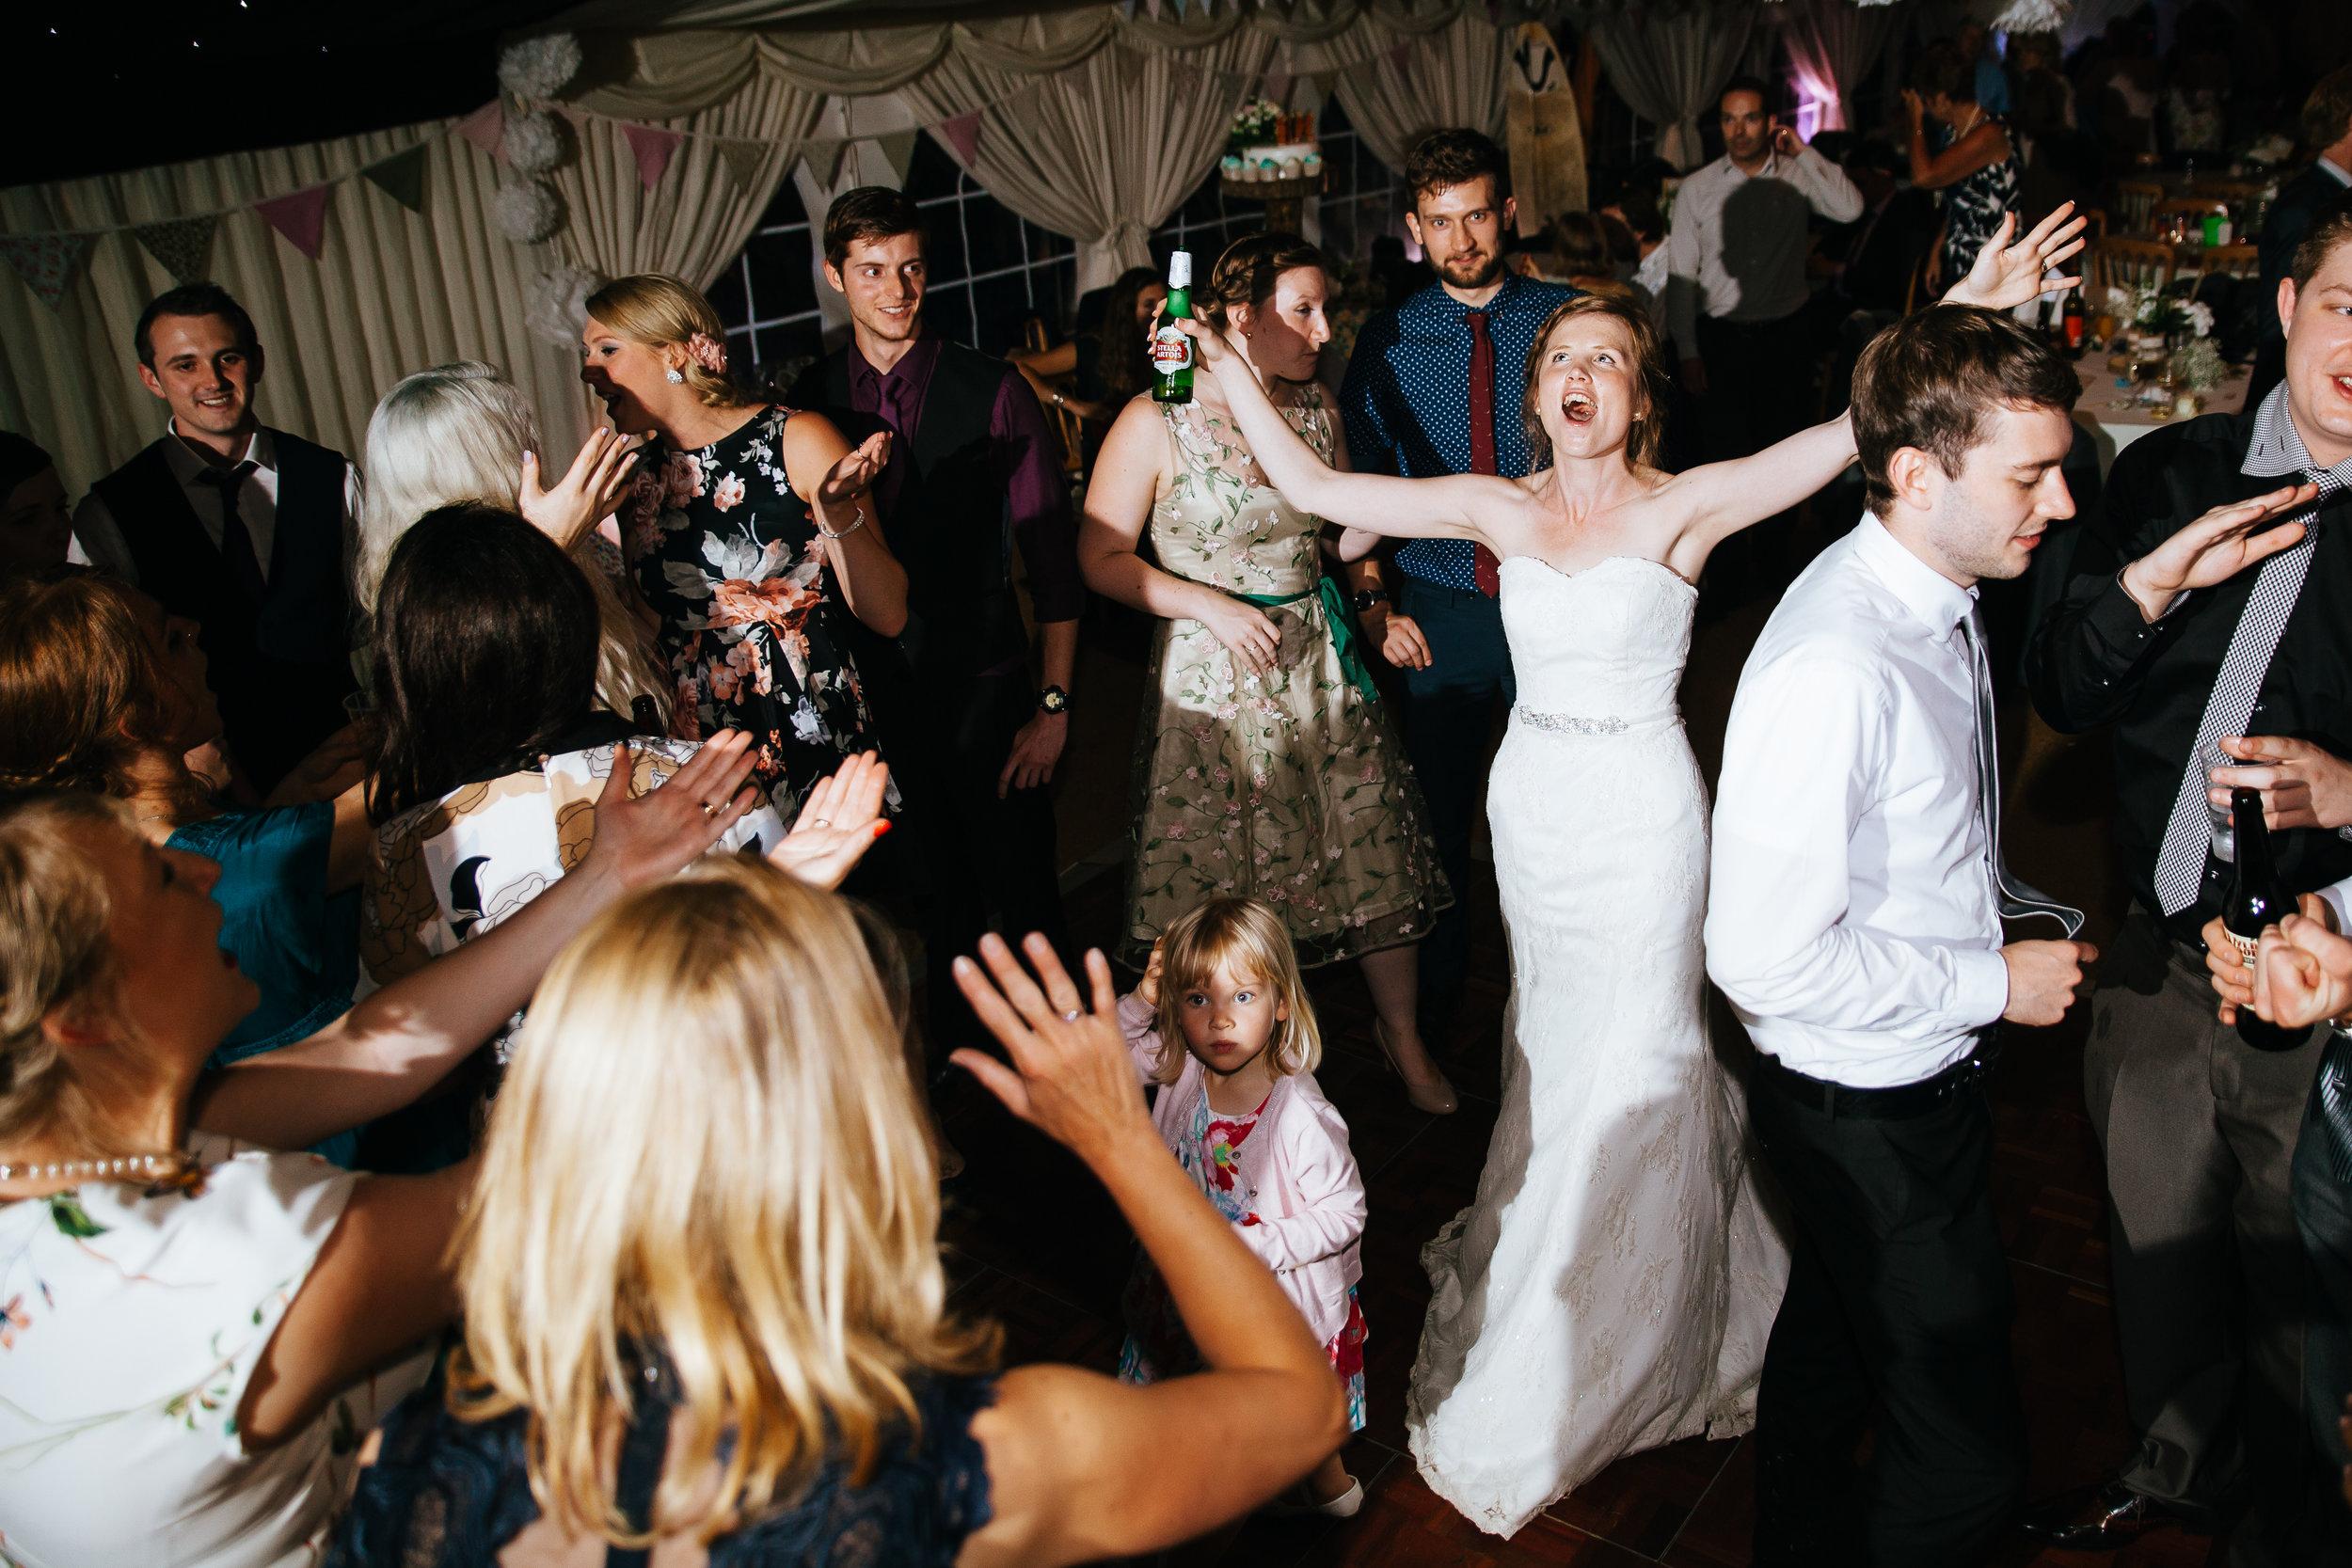 WEDDING SURVIVAL GUIDE -